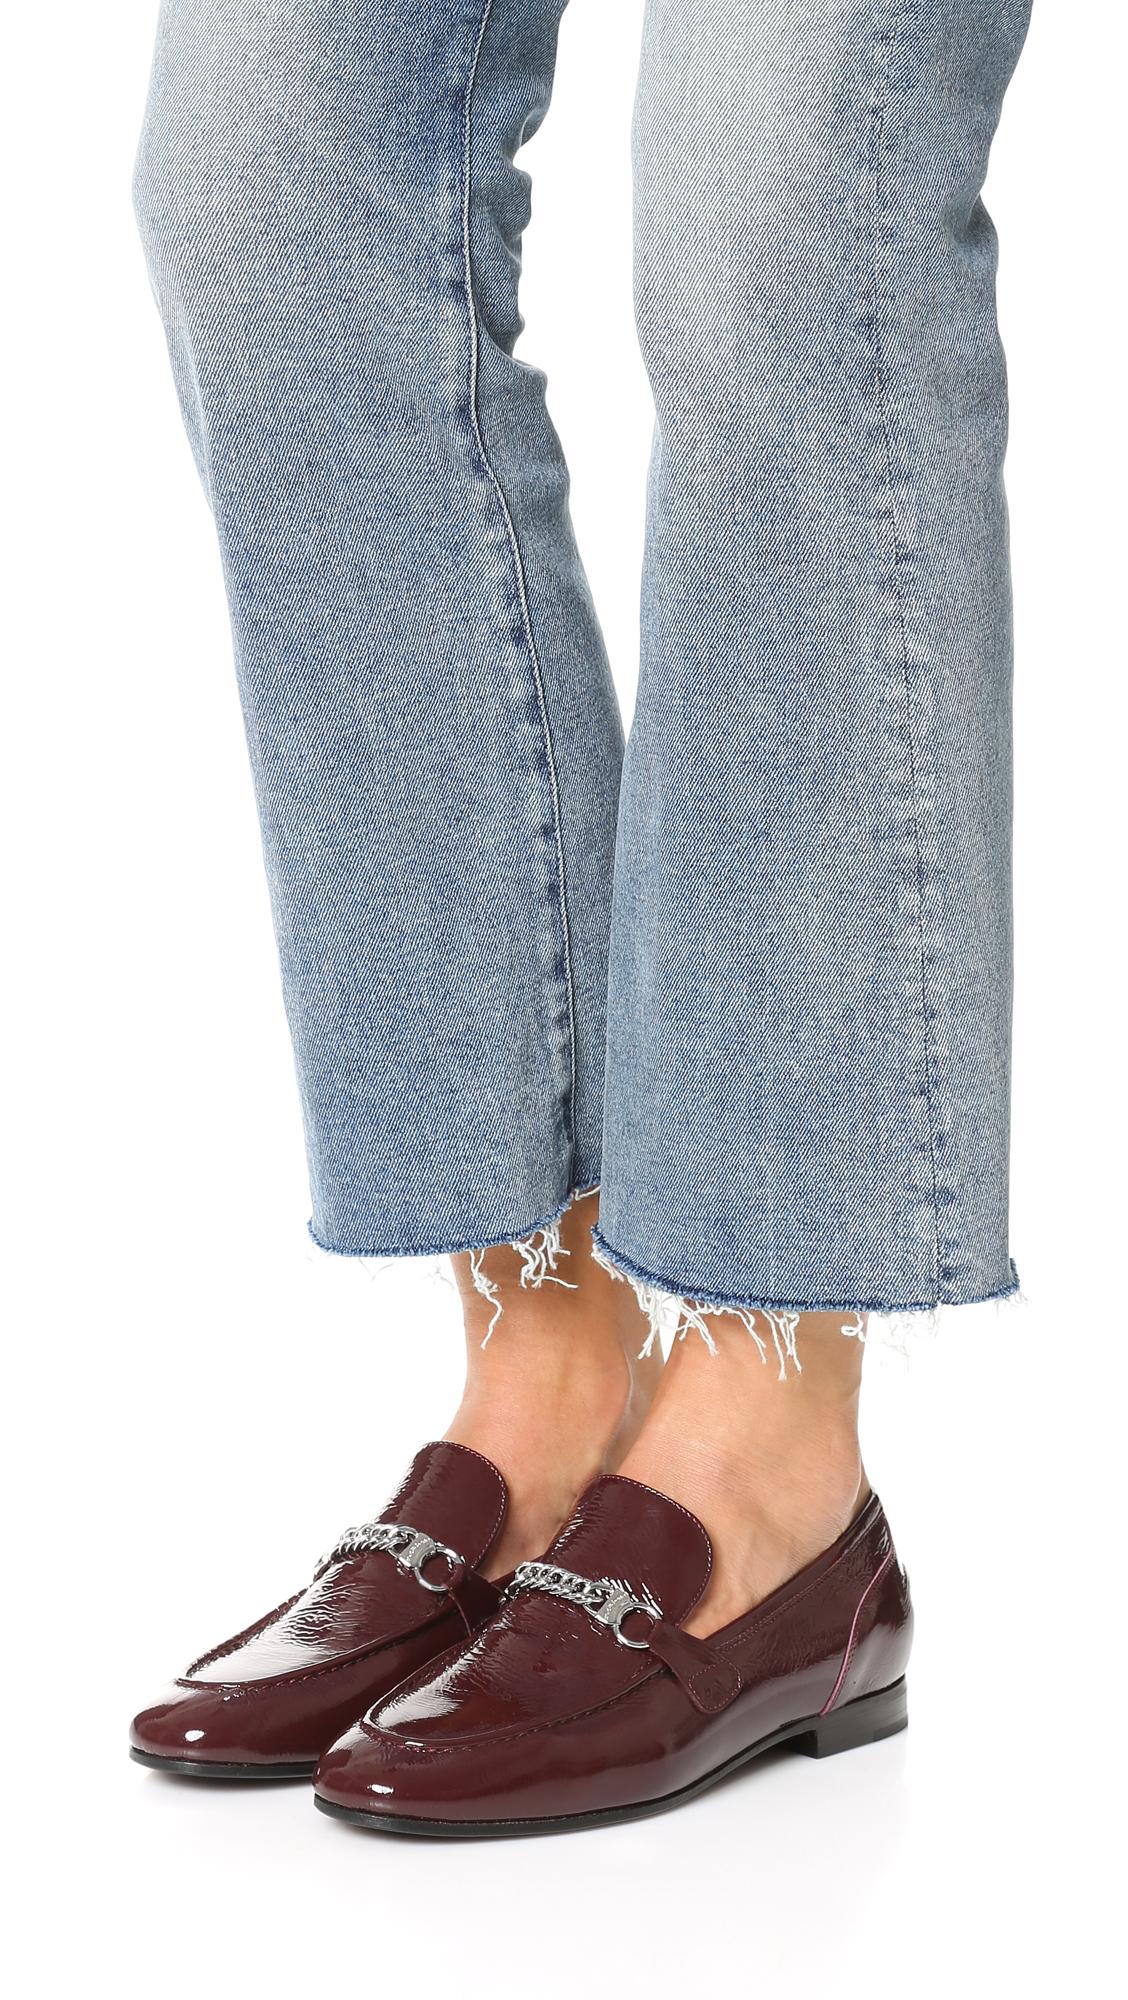 677d828d63 Rag & Bone Cooper Loafers | SHOPBOP